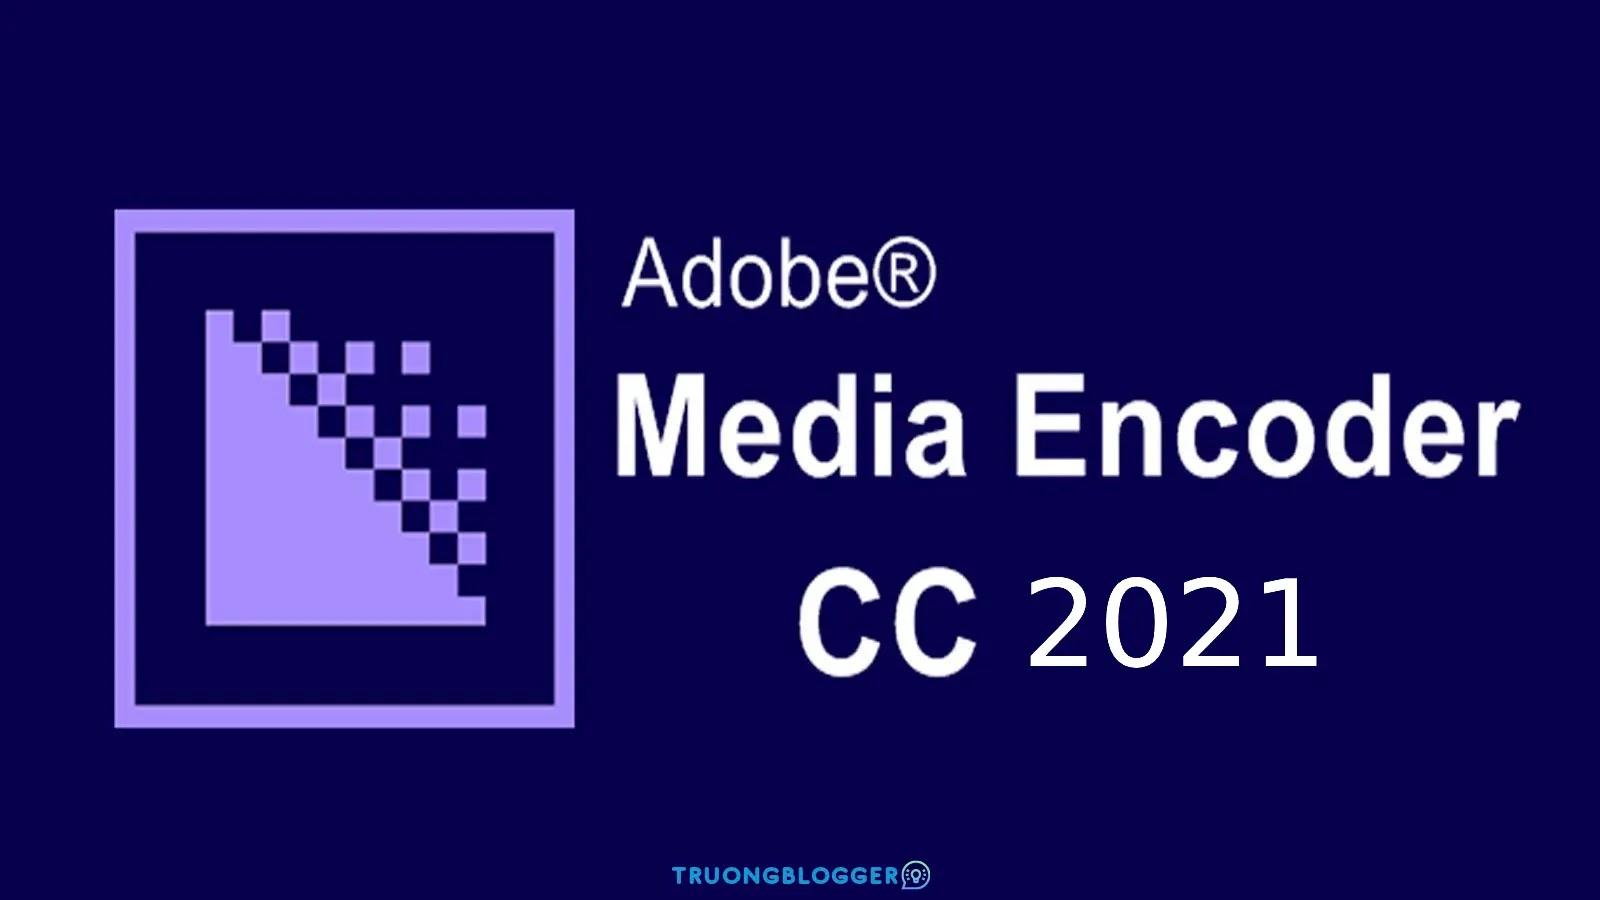 Tải về Adobe Media Encoder 202 - Hướng dẫn cài đặt chi tiết